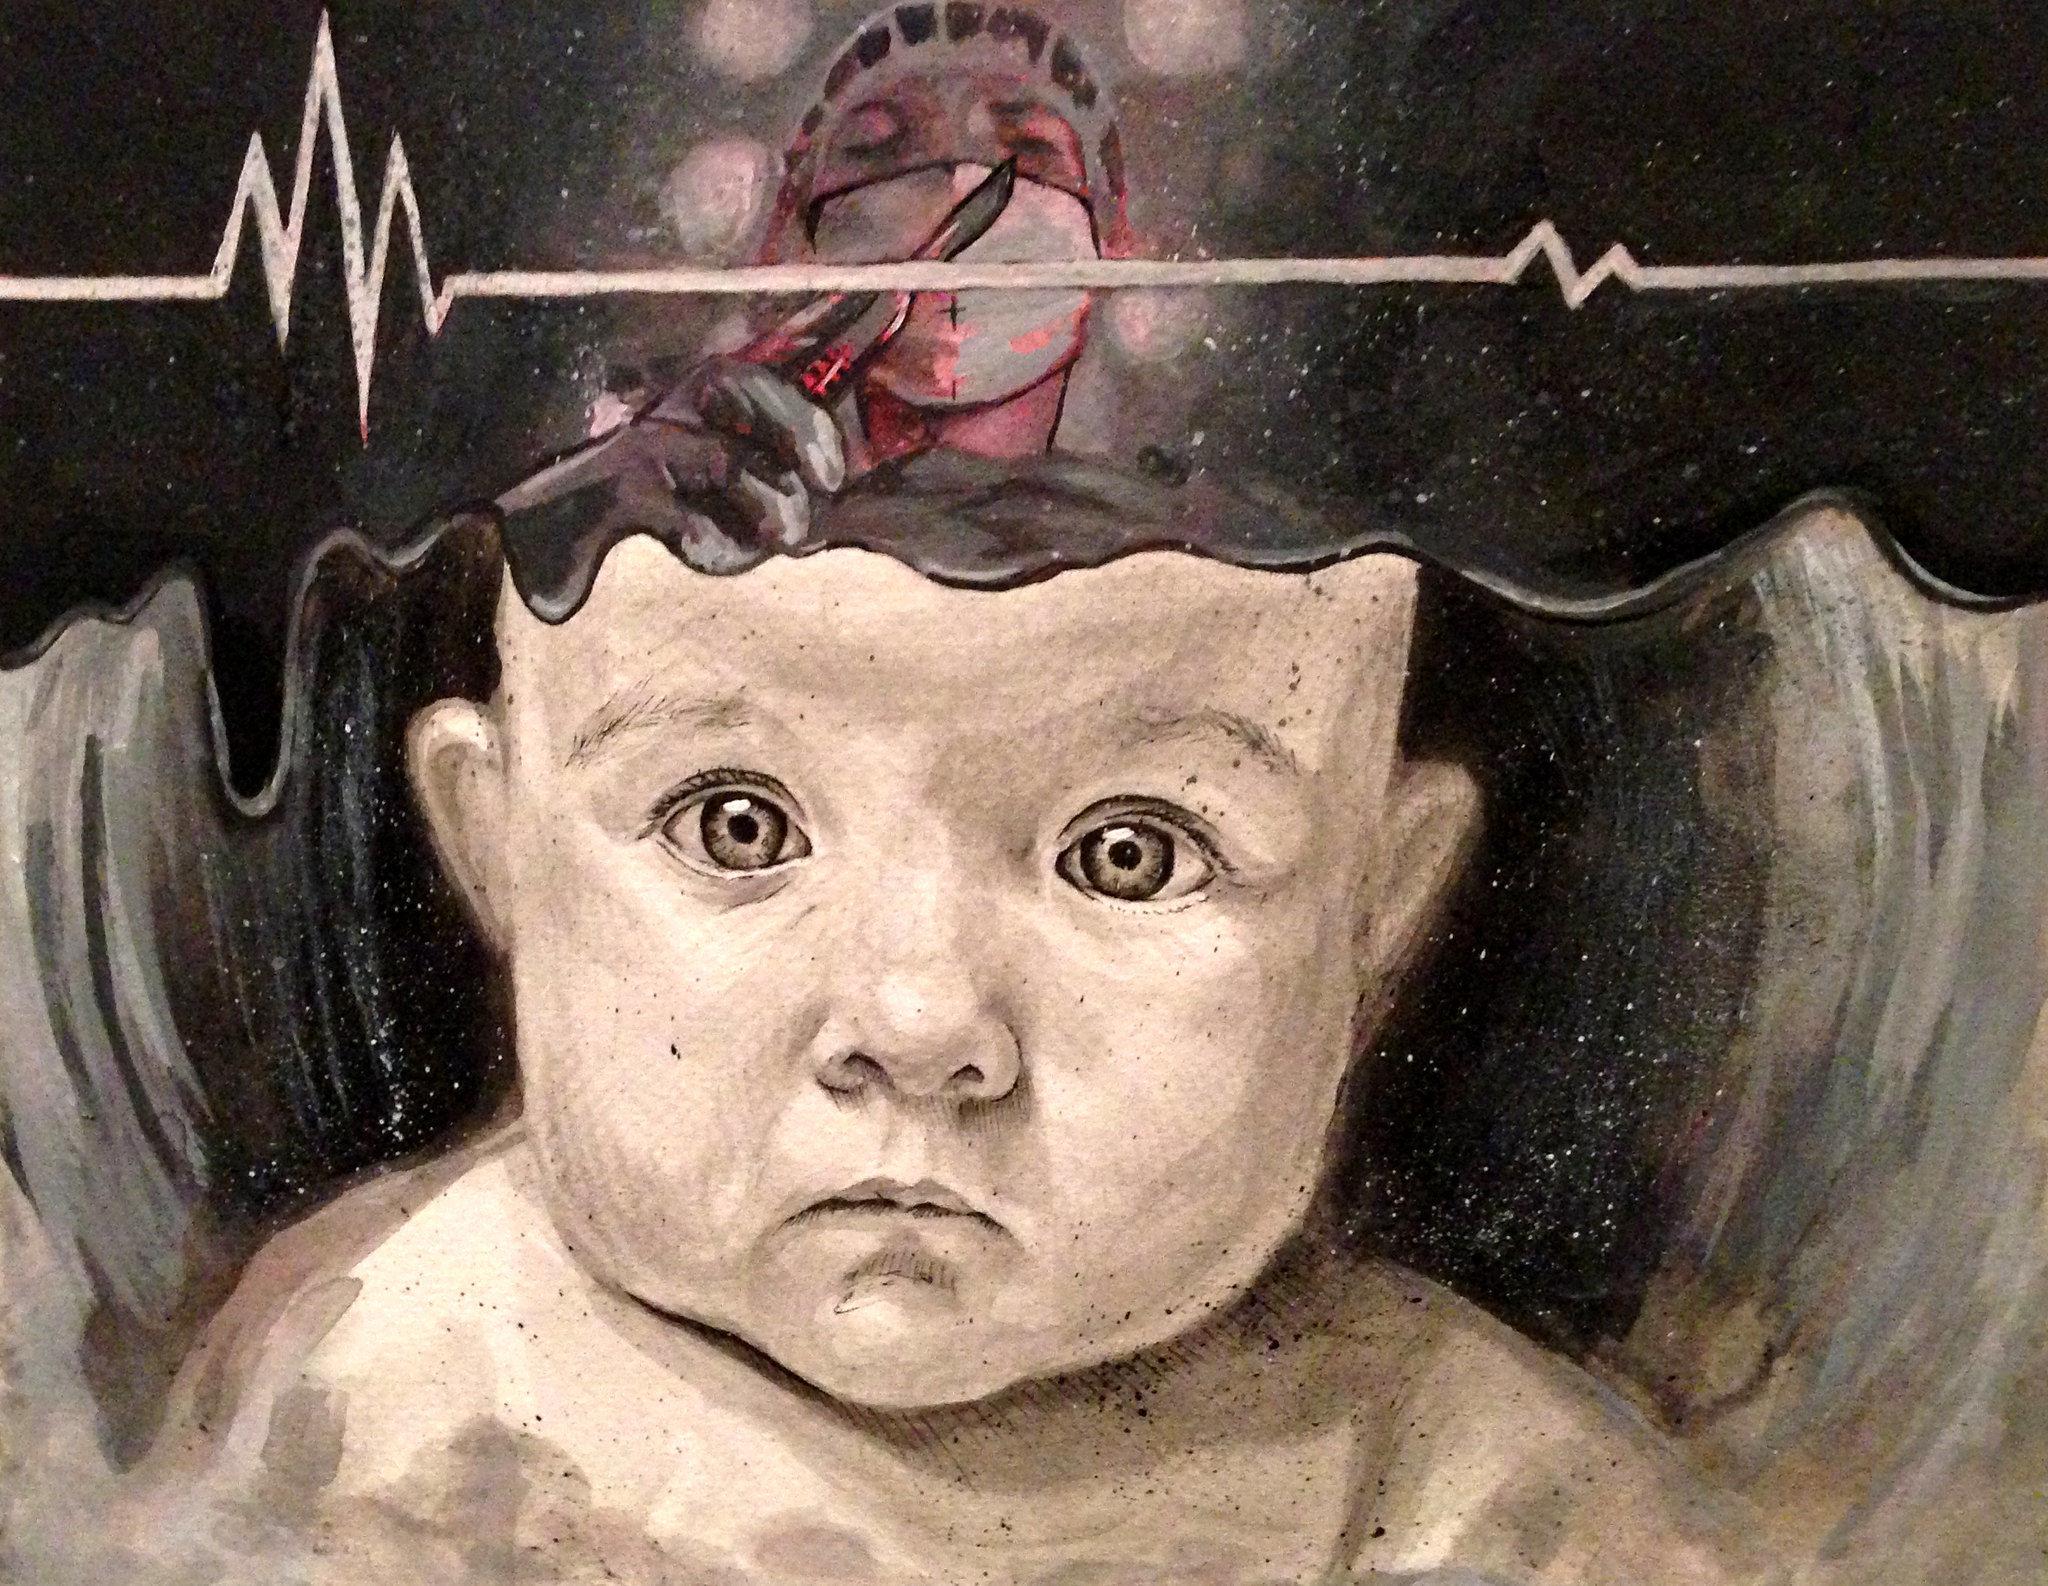 Életképes magzatok szerveit használhatják fel embertelen kísérletekhez - vasarnap.hu